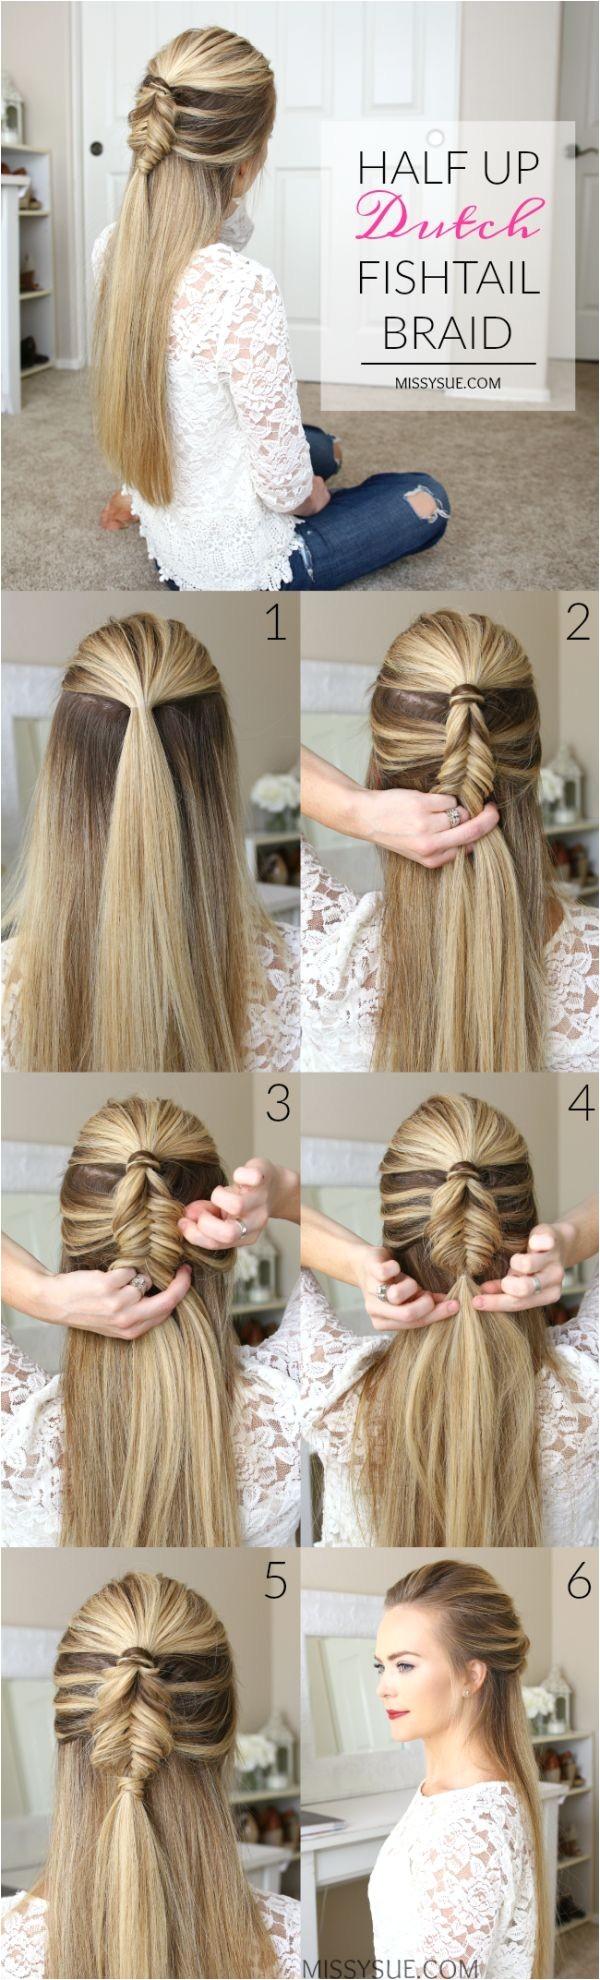 church hairstyles